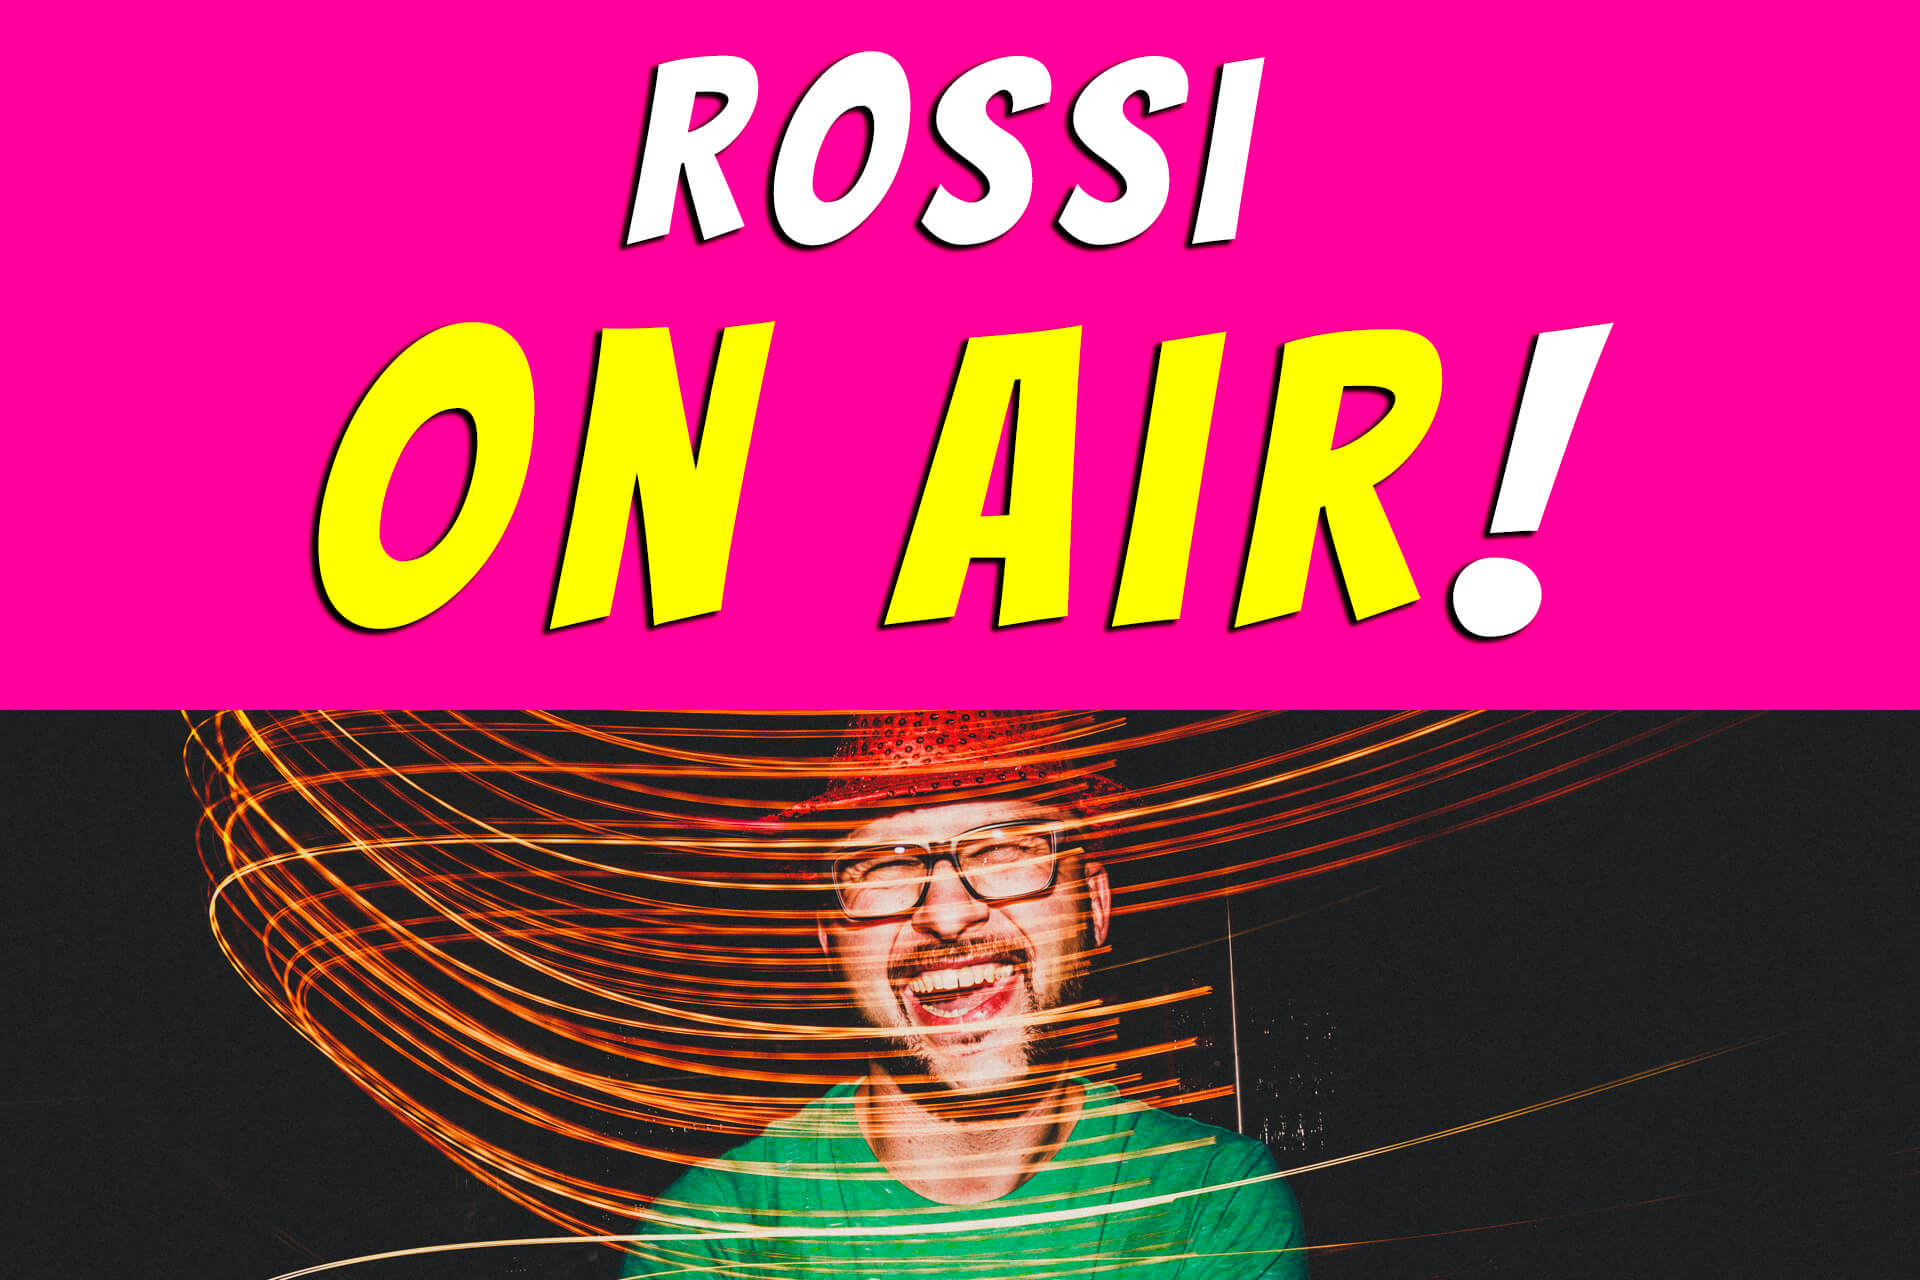 Rossi on air! - der Hochzeitsfotografie-Podcast! Live und unzensiert!